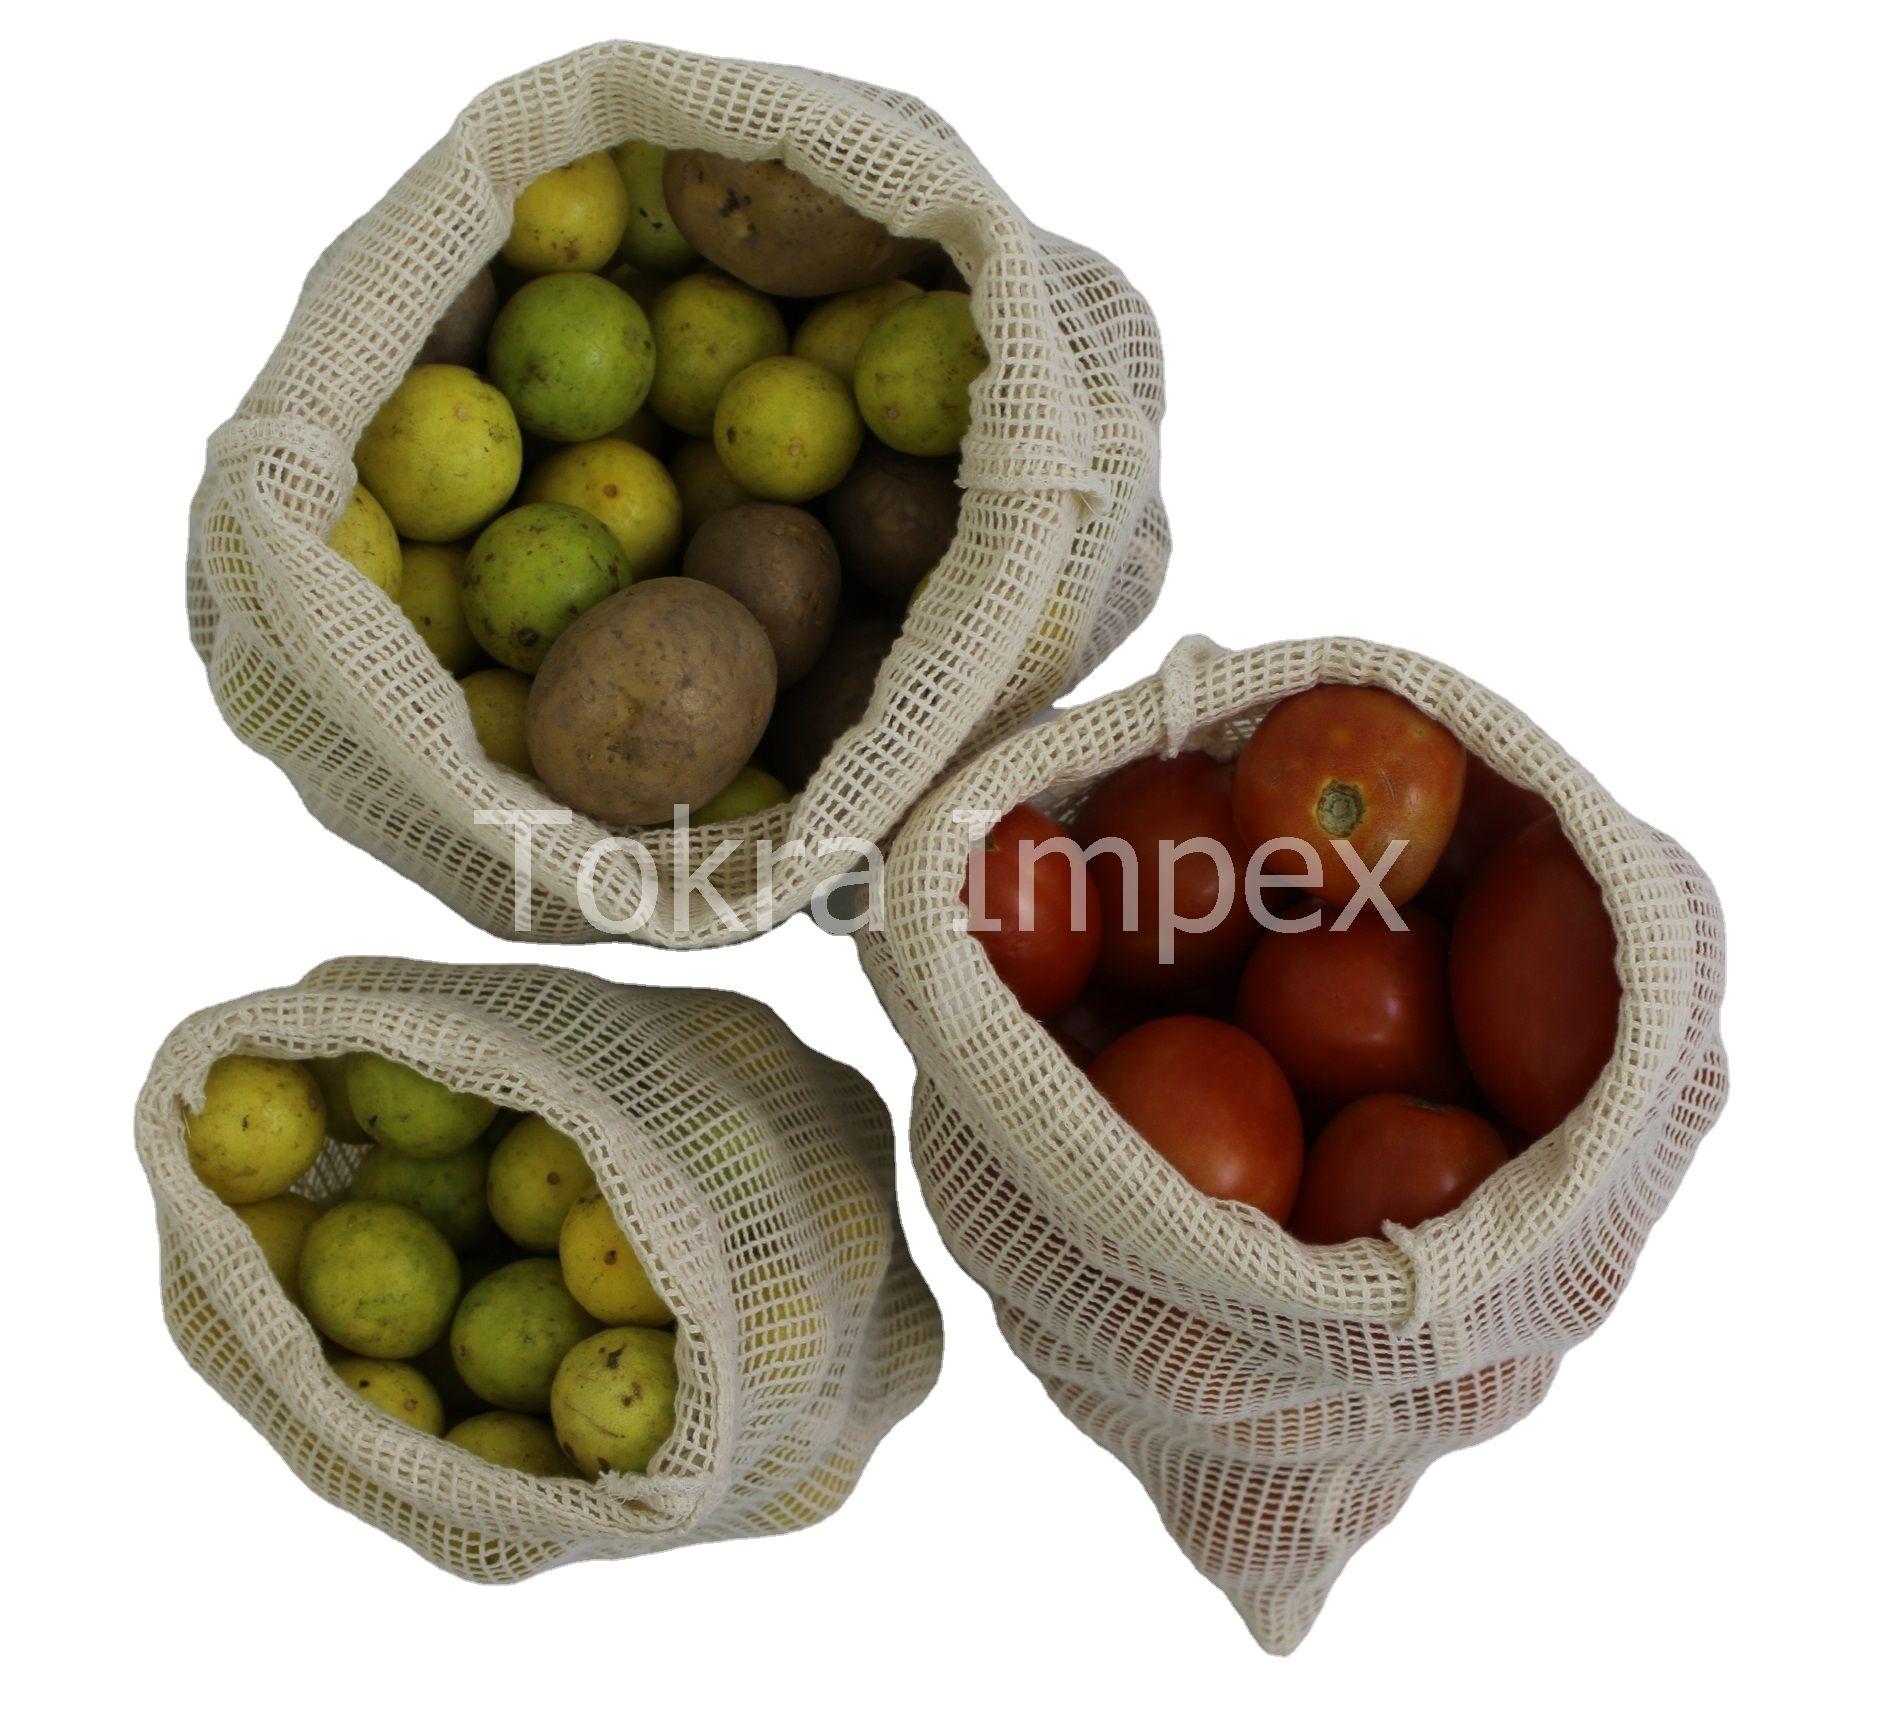 Set Of Jute Bag And Cotton Mesh Drawstring Bag